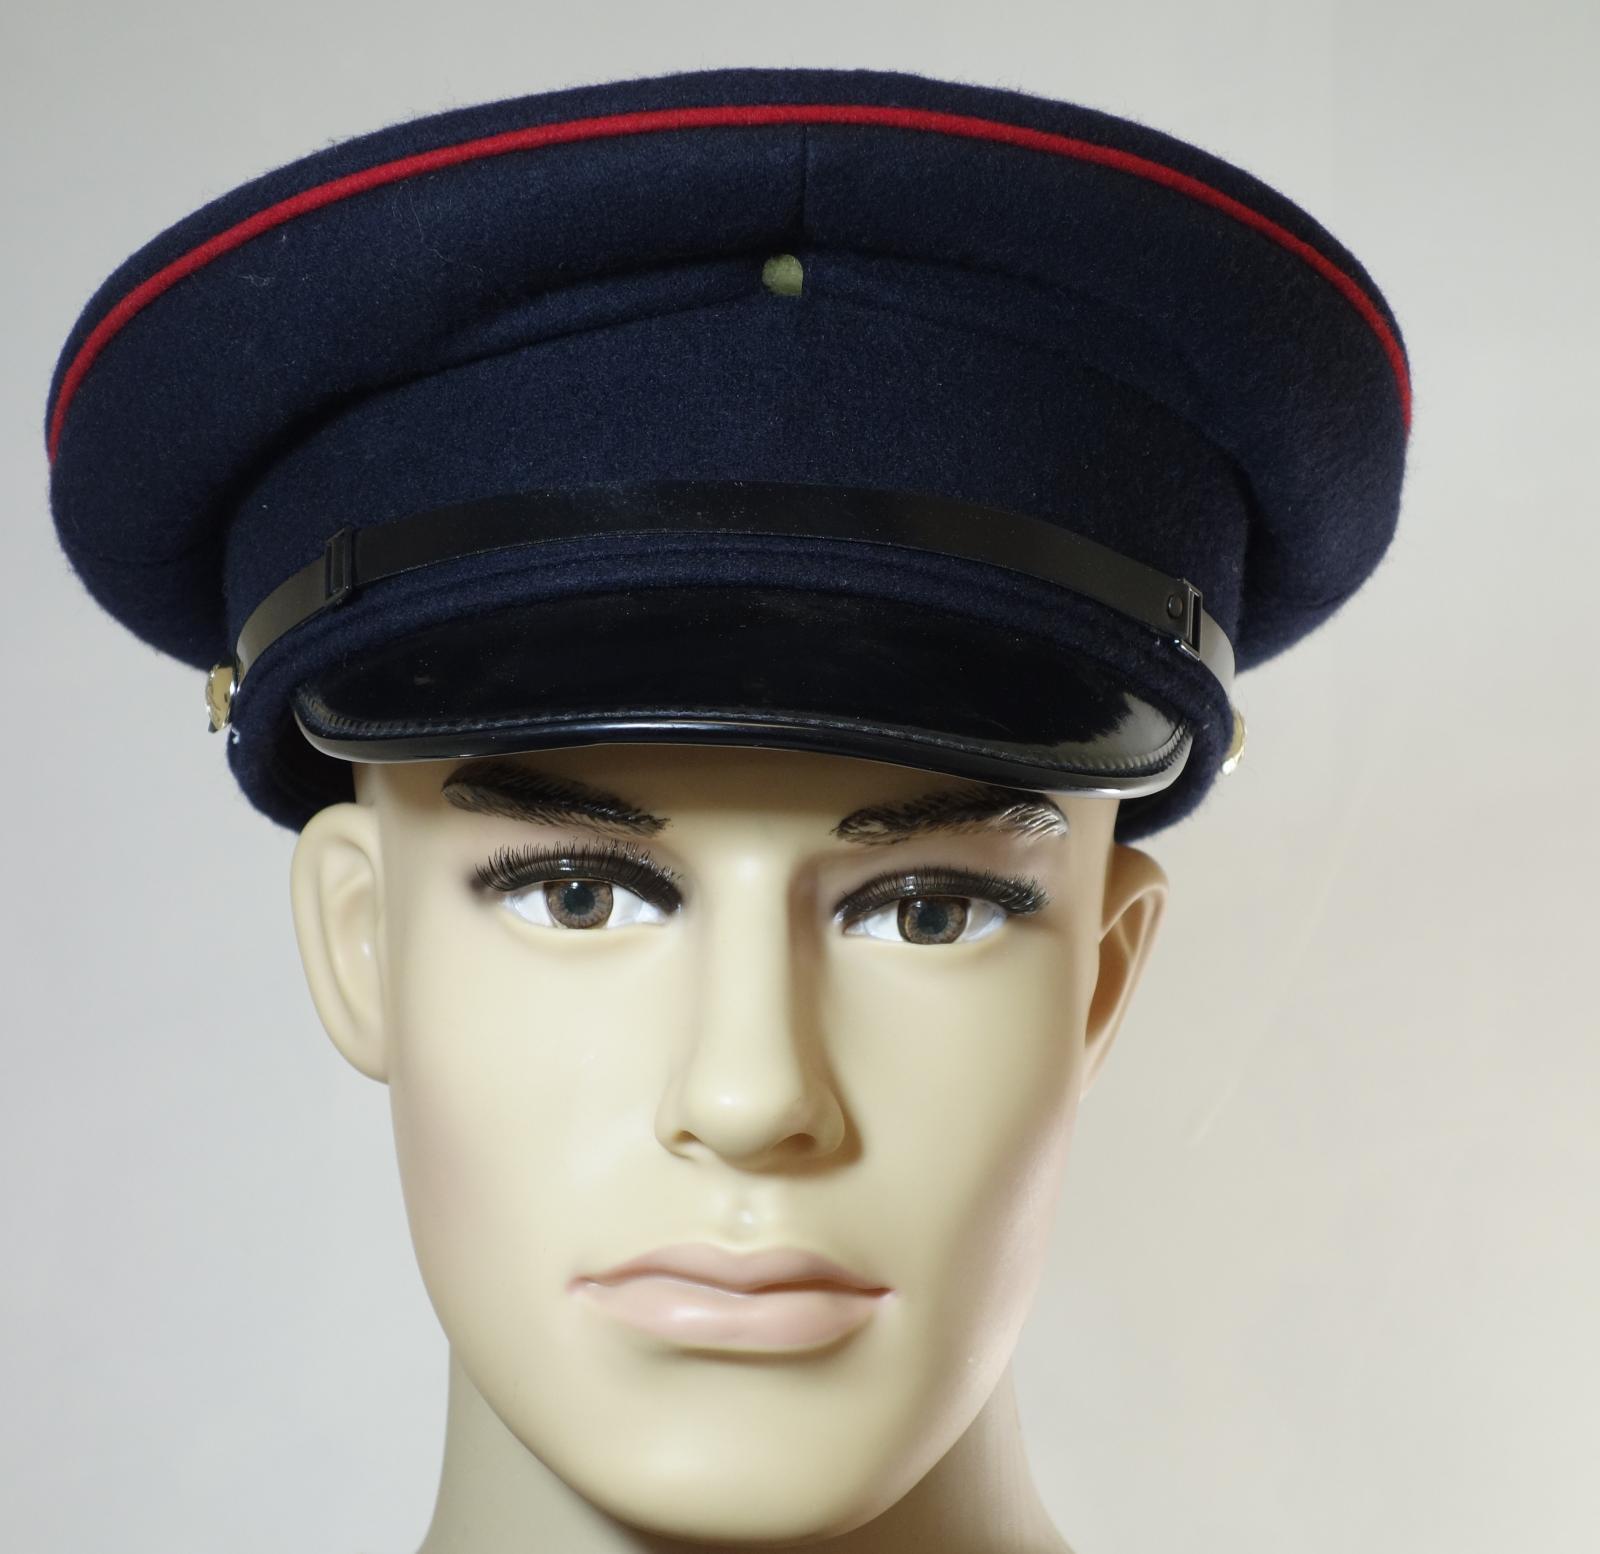 British army surplus Engineers (?) dress uniform peaked cap hat